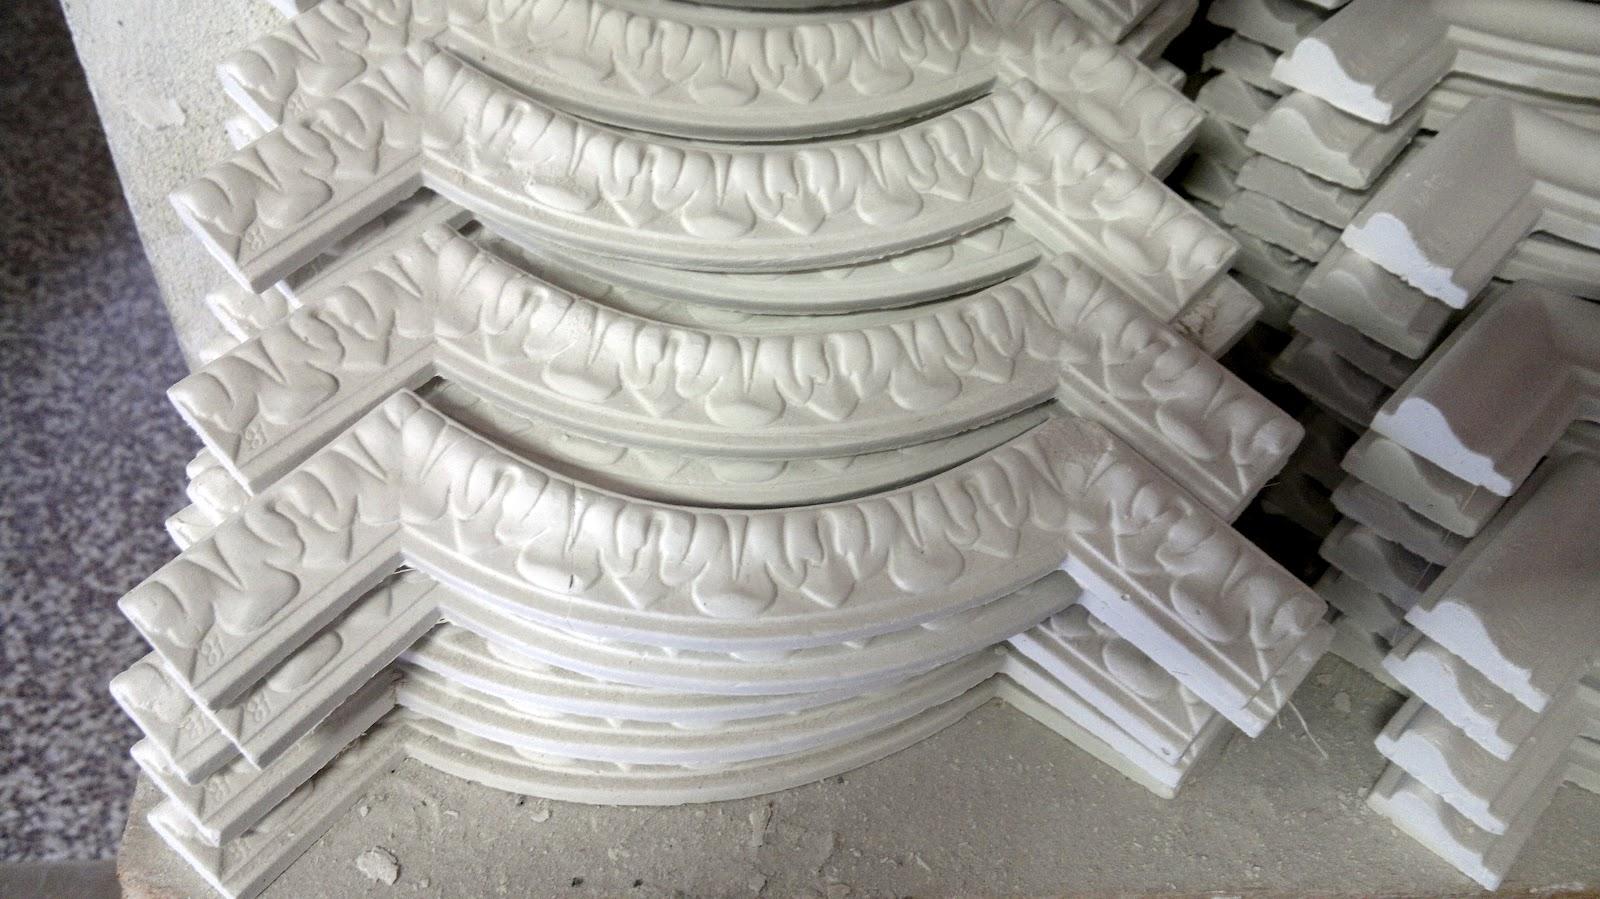 Archi tetti le decorazioni in gesso - Decorazioni gesso ...